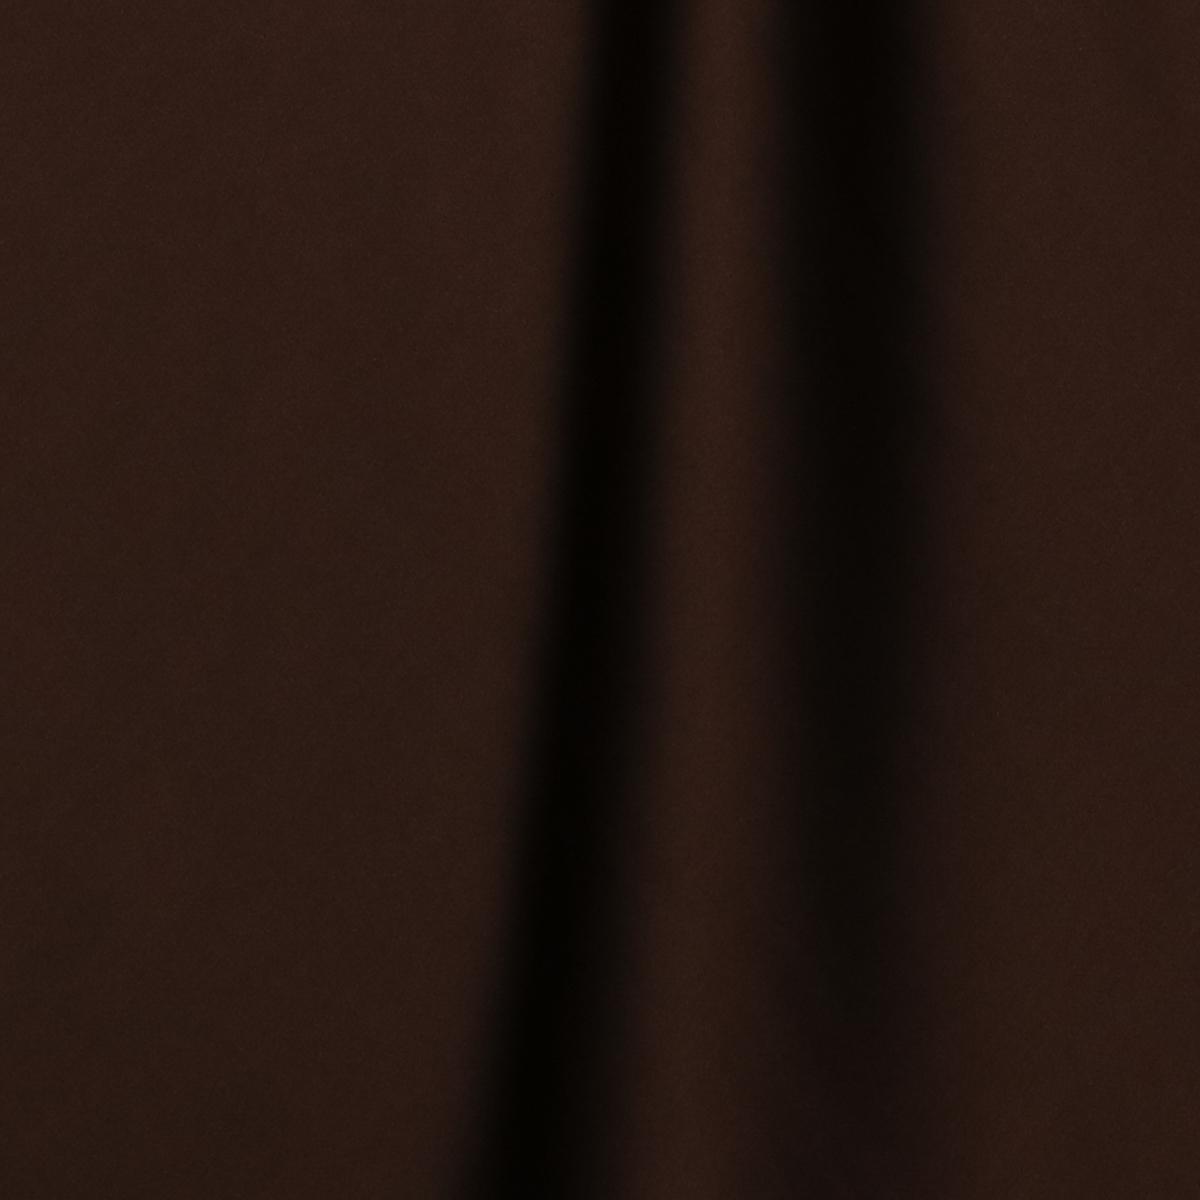 Шелковый стретч-атлас шоколадного цвета